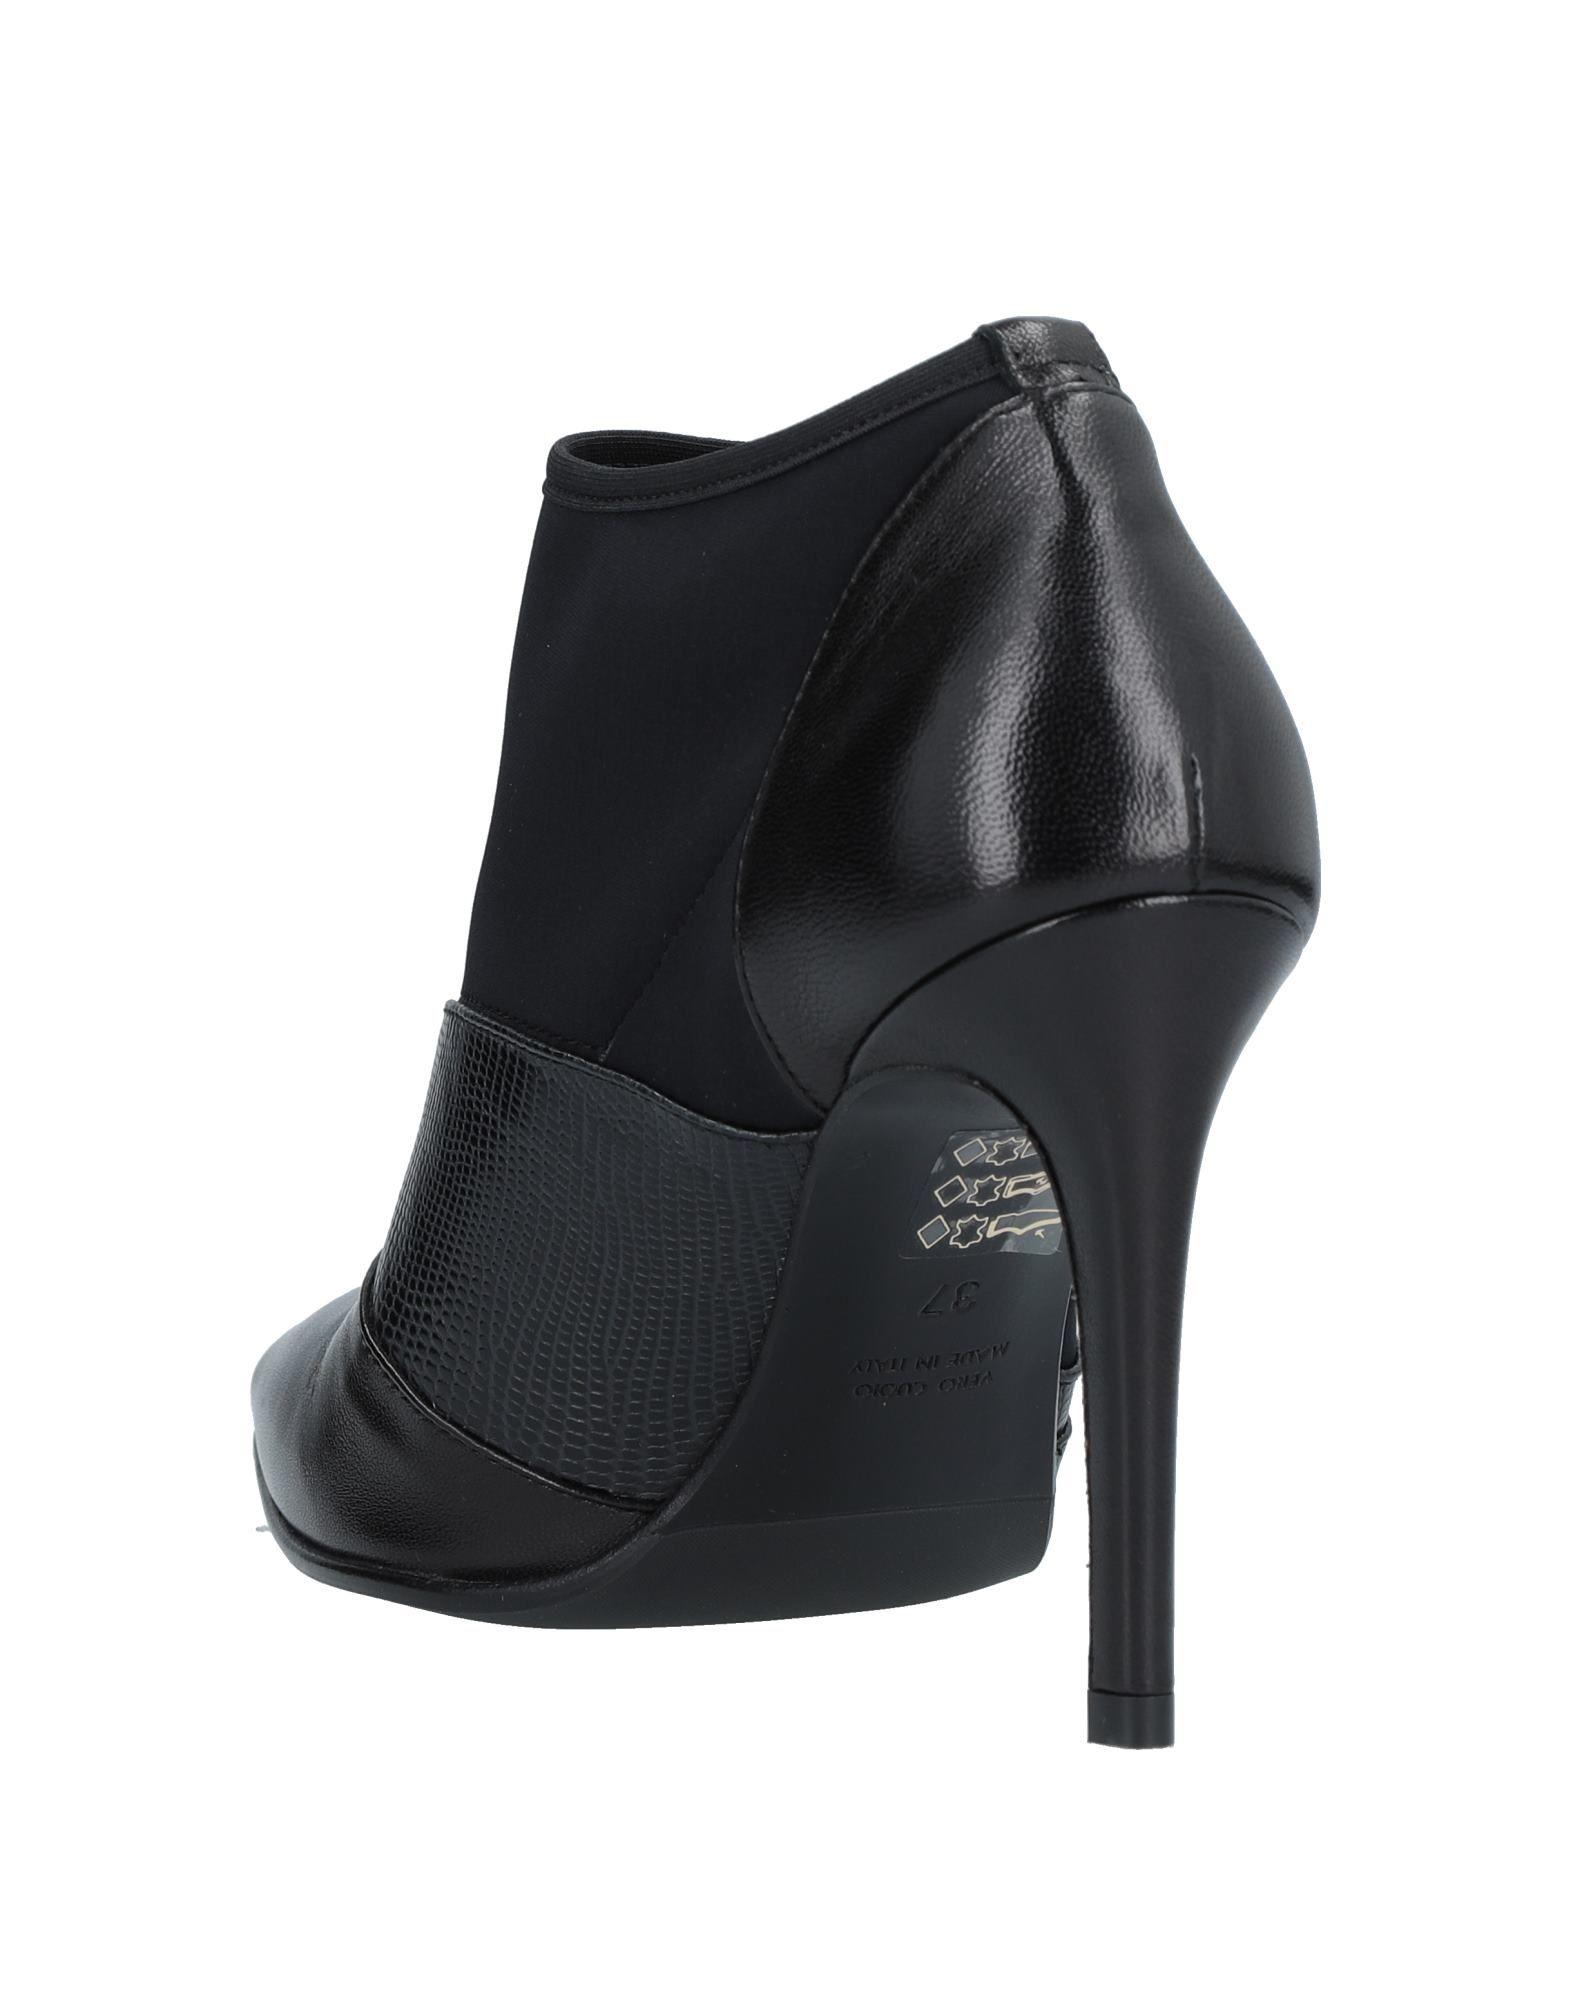 Couture Stiefelette Damen  11529421MN 11529421MN 11529421MN Gute Qualität beliebte Schuhe 0c7c64